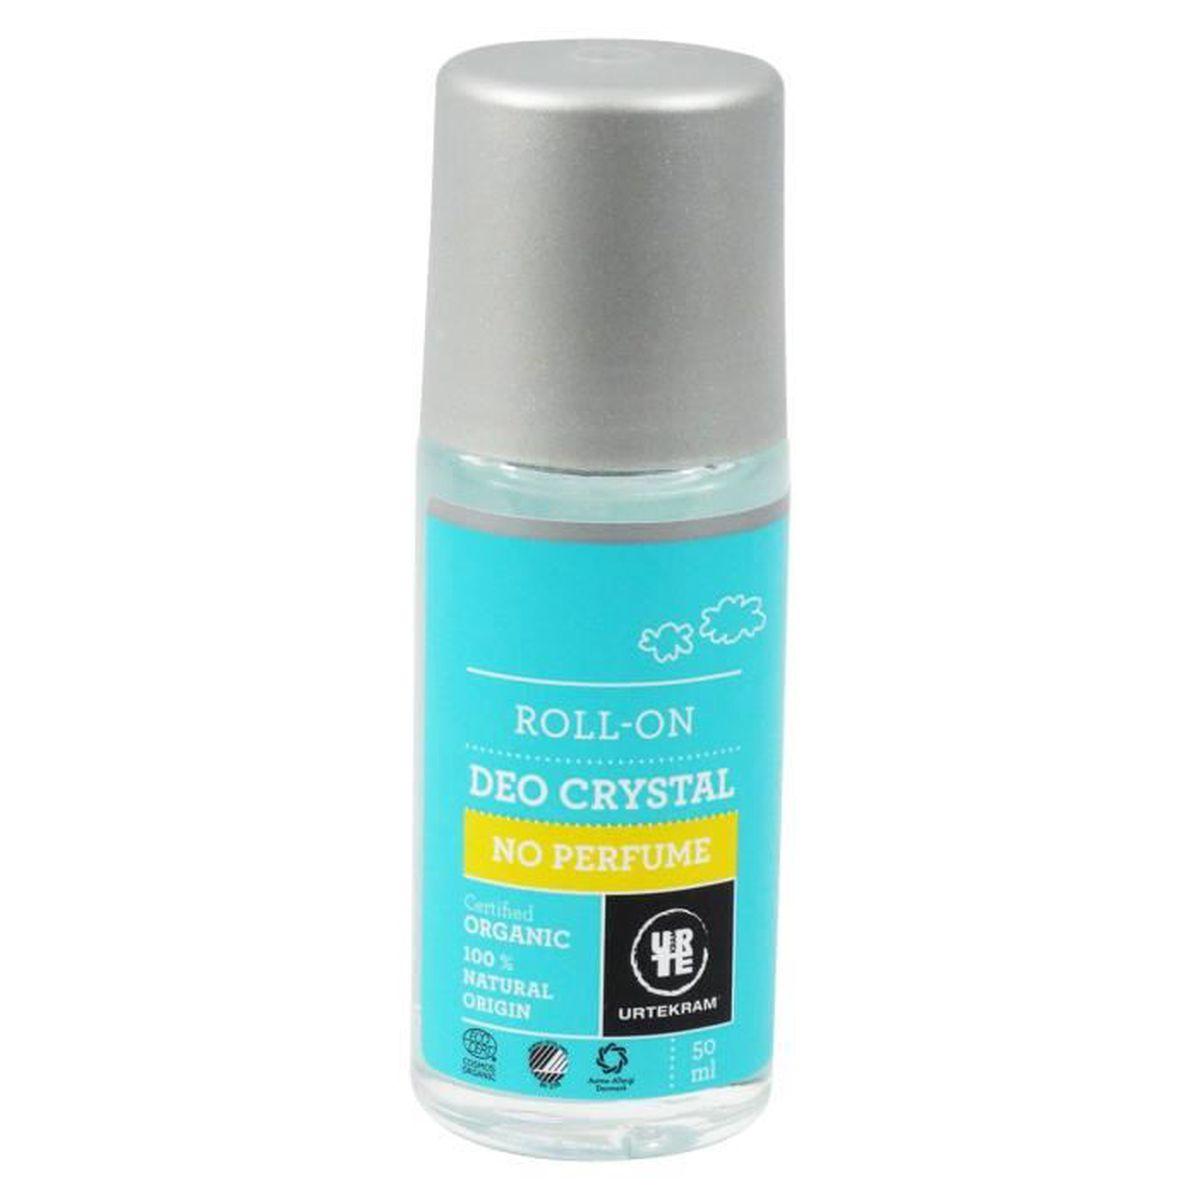 Parfum La On Urtekram Soigne Avec Roll Déo Sans Peau Cristal Aq534jLR